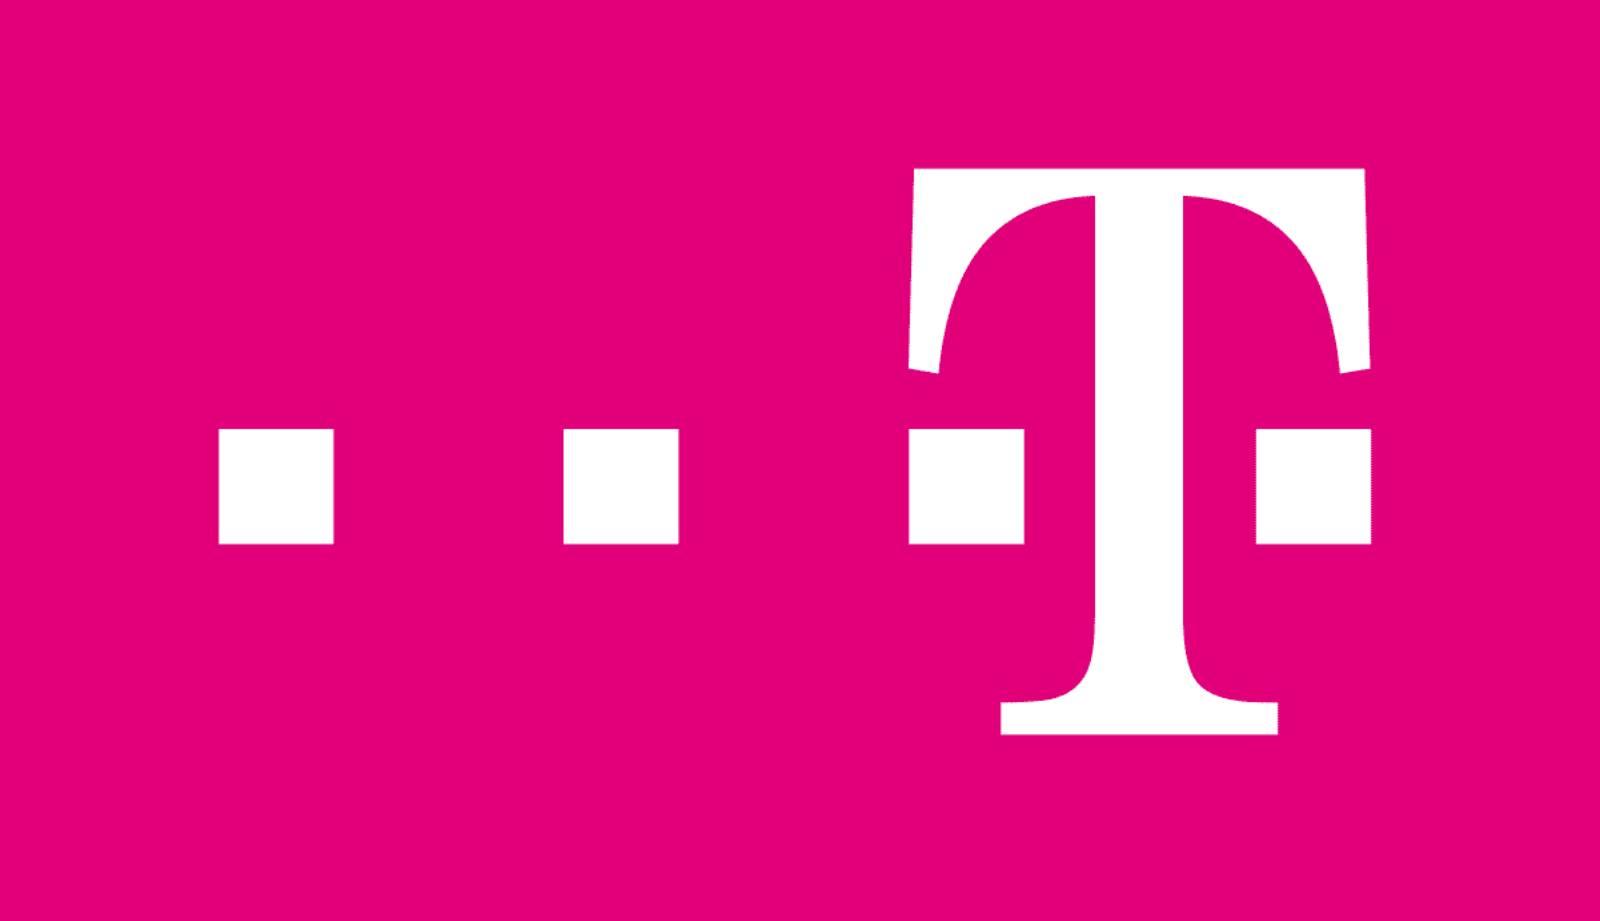 Telekom piata